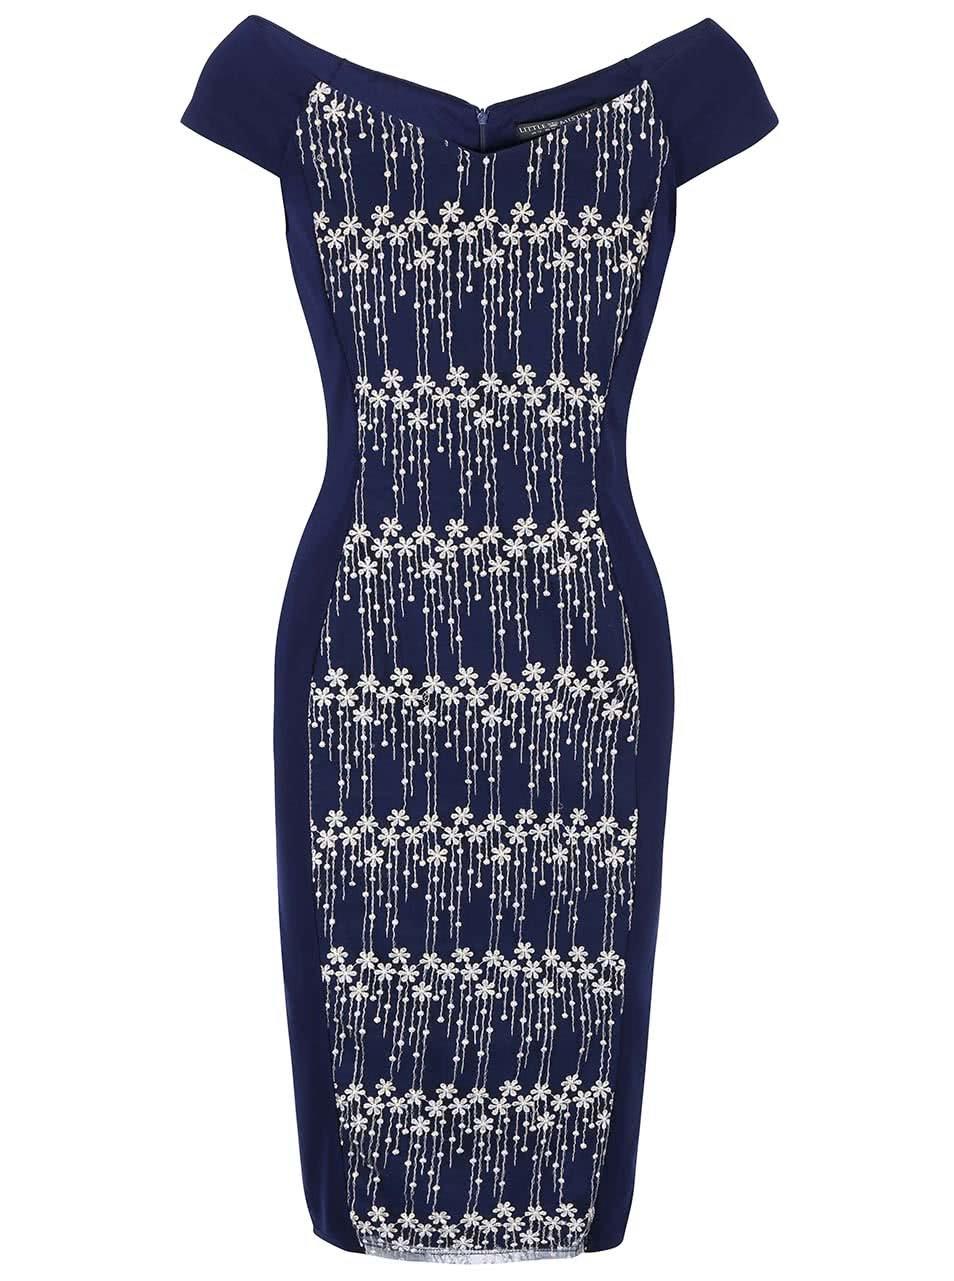 Tmavomodré puzdrové šaty s výšivkou Little Mistress ... d8d2eae0d29